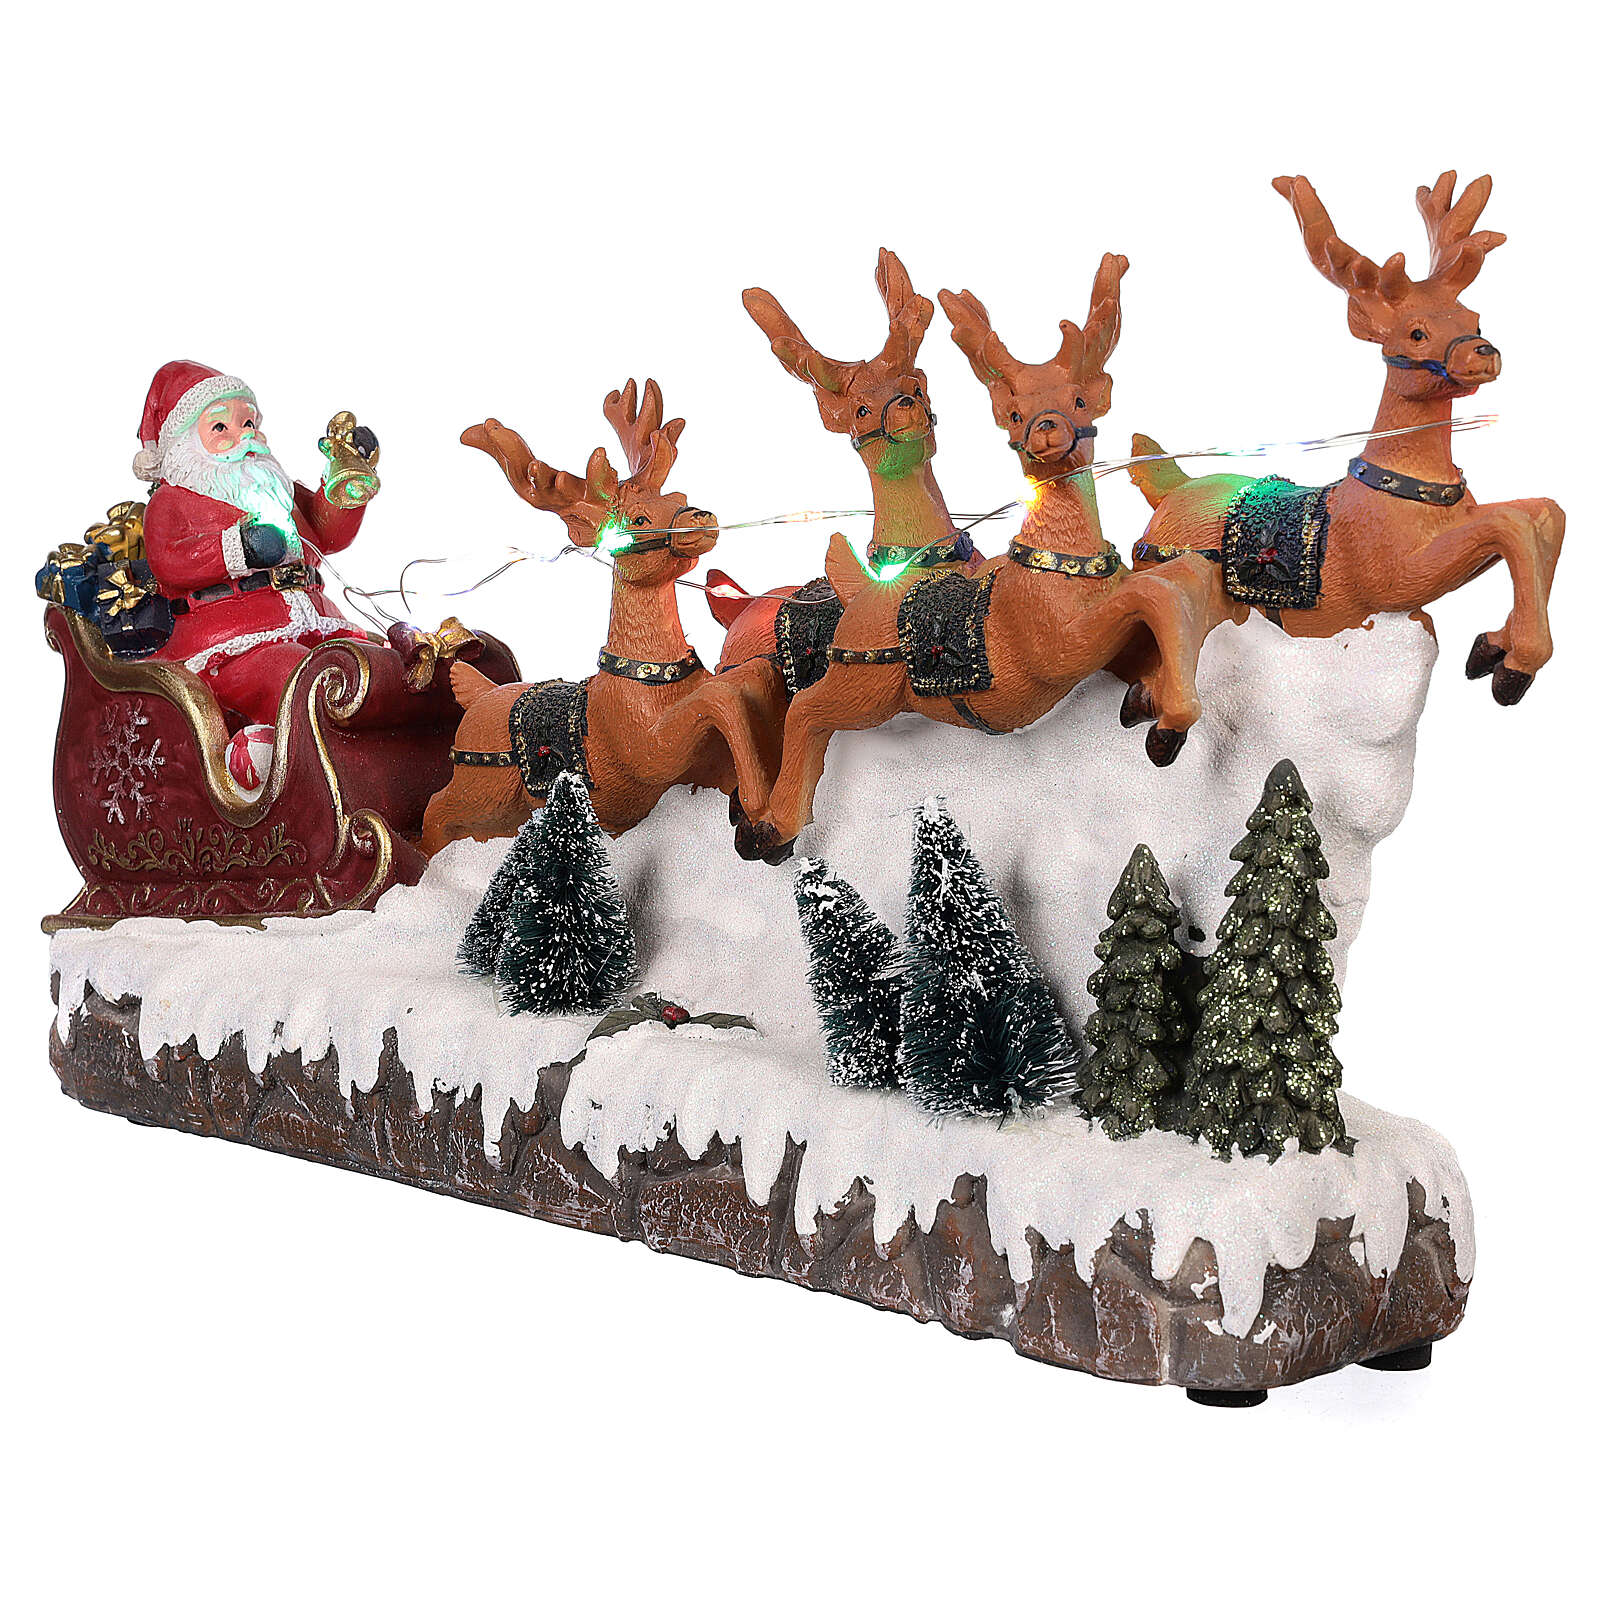 Villaggio natalizio slitta di babbo natale renne luce musica 25x40x10 3